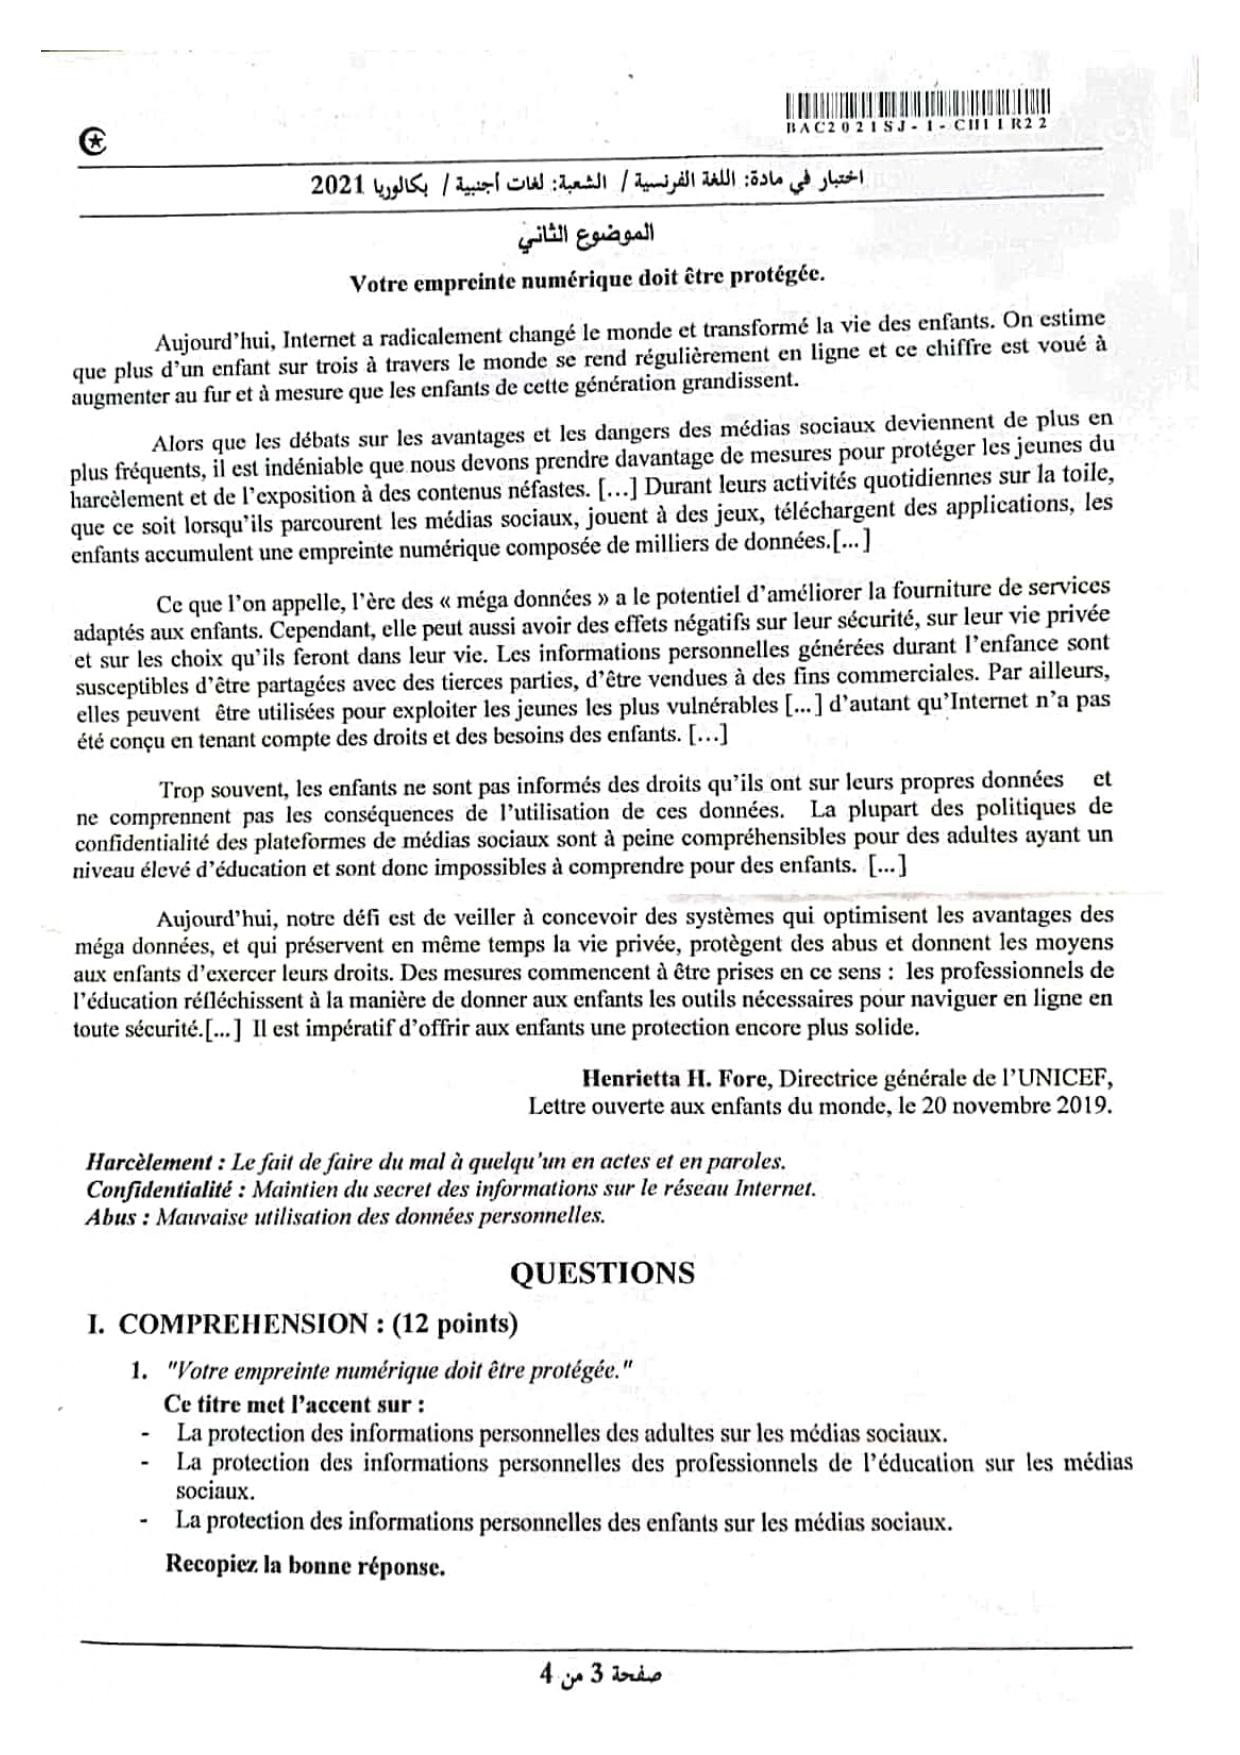 موضوع اللغة الفرنسية بكالوريا 2021 شعبة لغات أجنبية